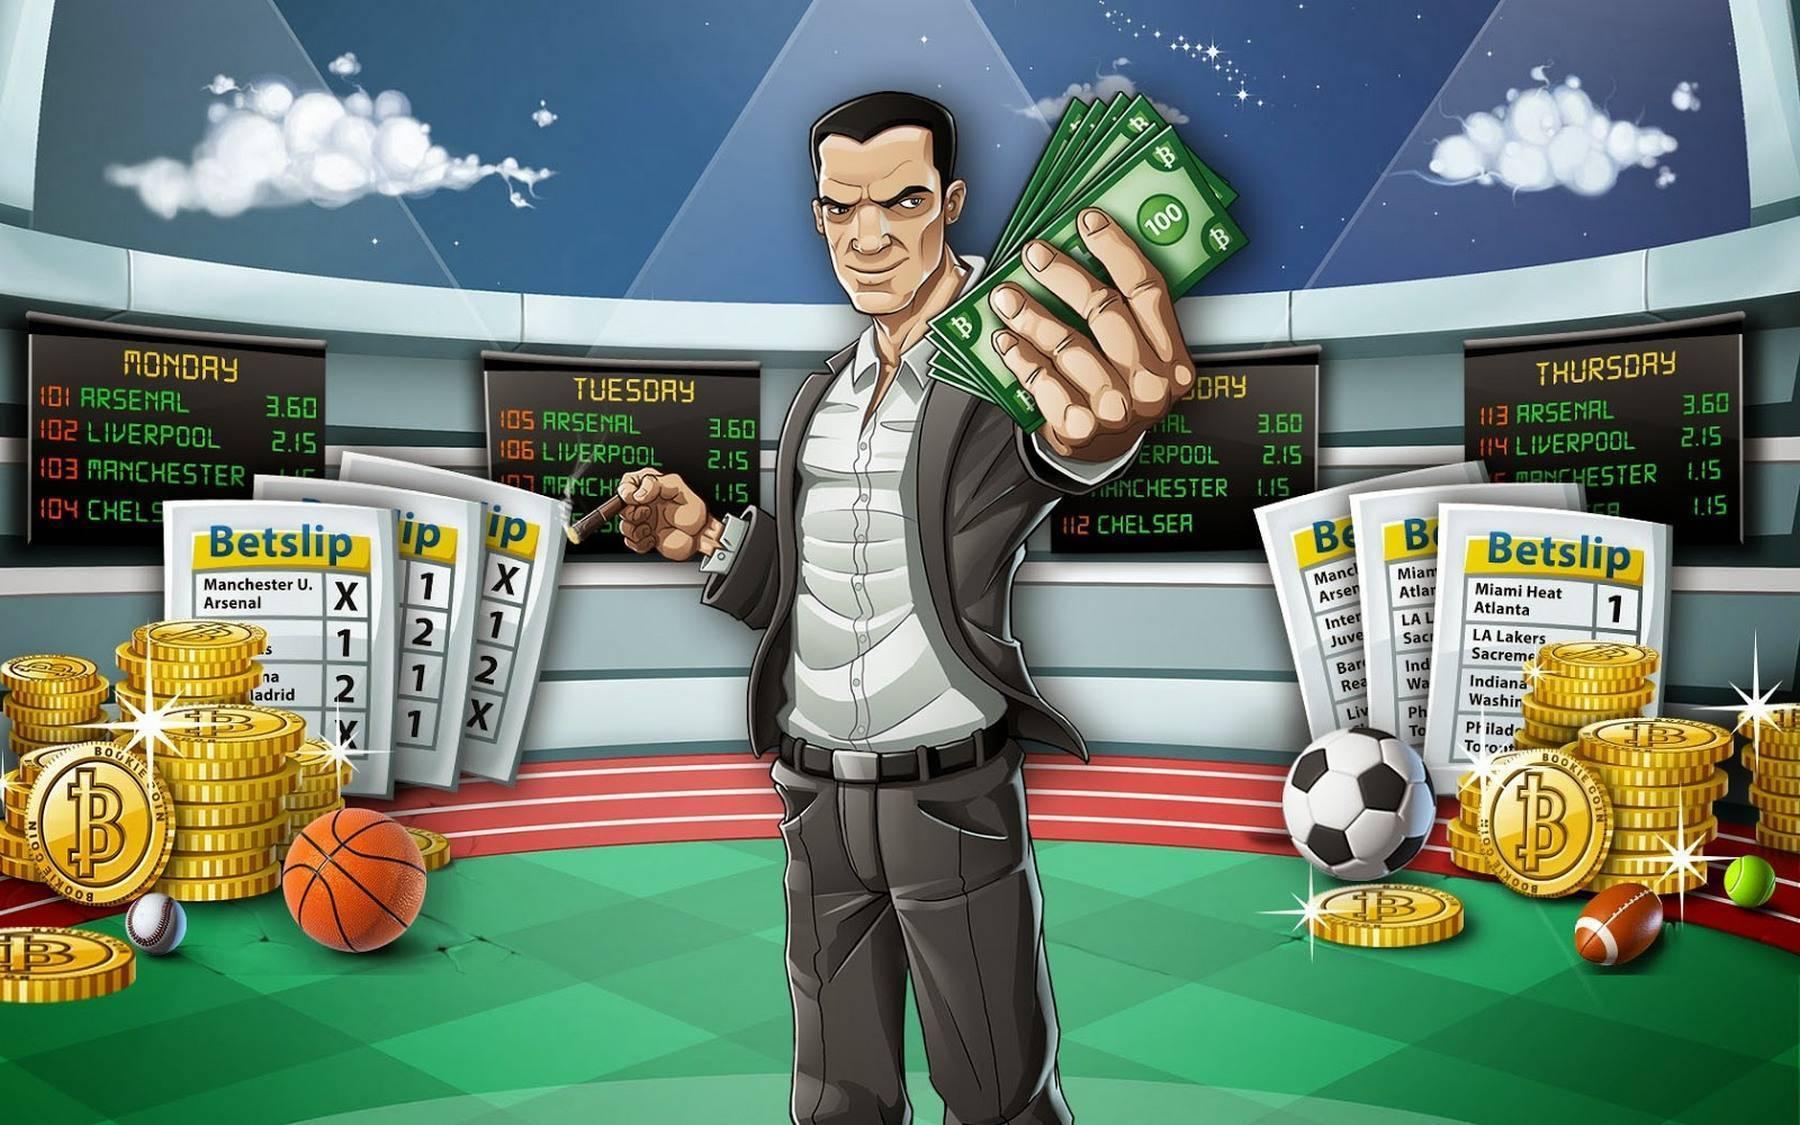 Как избавиться от игромании в букмекерской конторе - зарабатывай на спорте и азарте - блоги - sports.ru